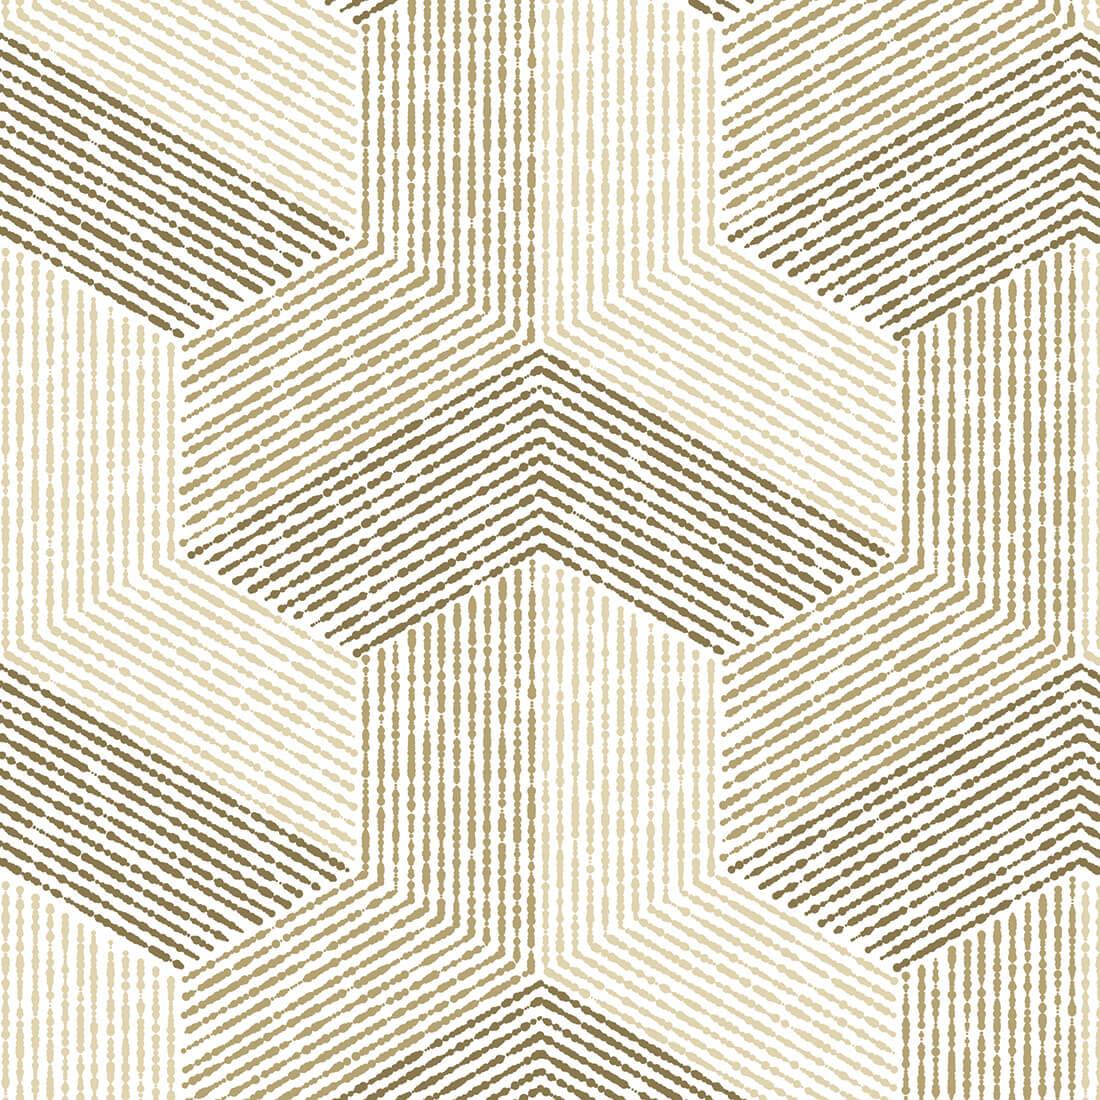 Papel de Parede Abstrato Estampado Tons de Marrom